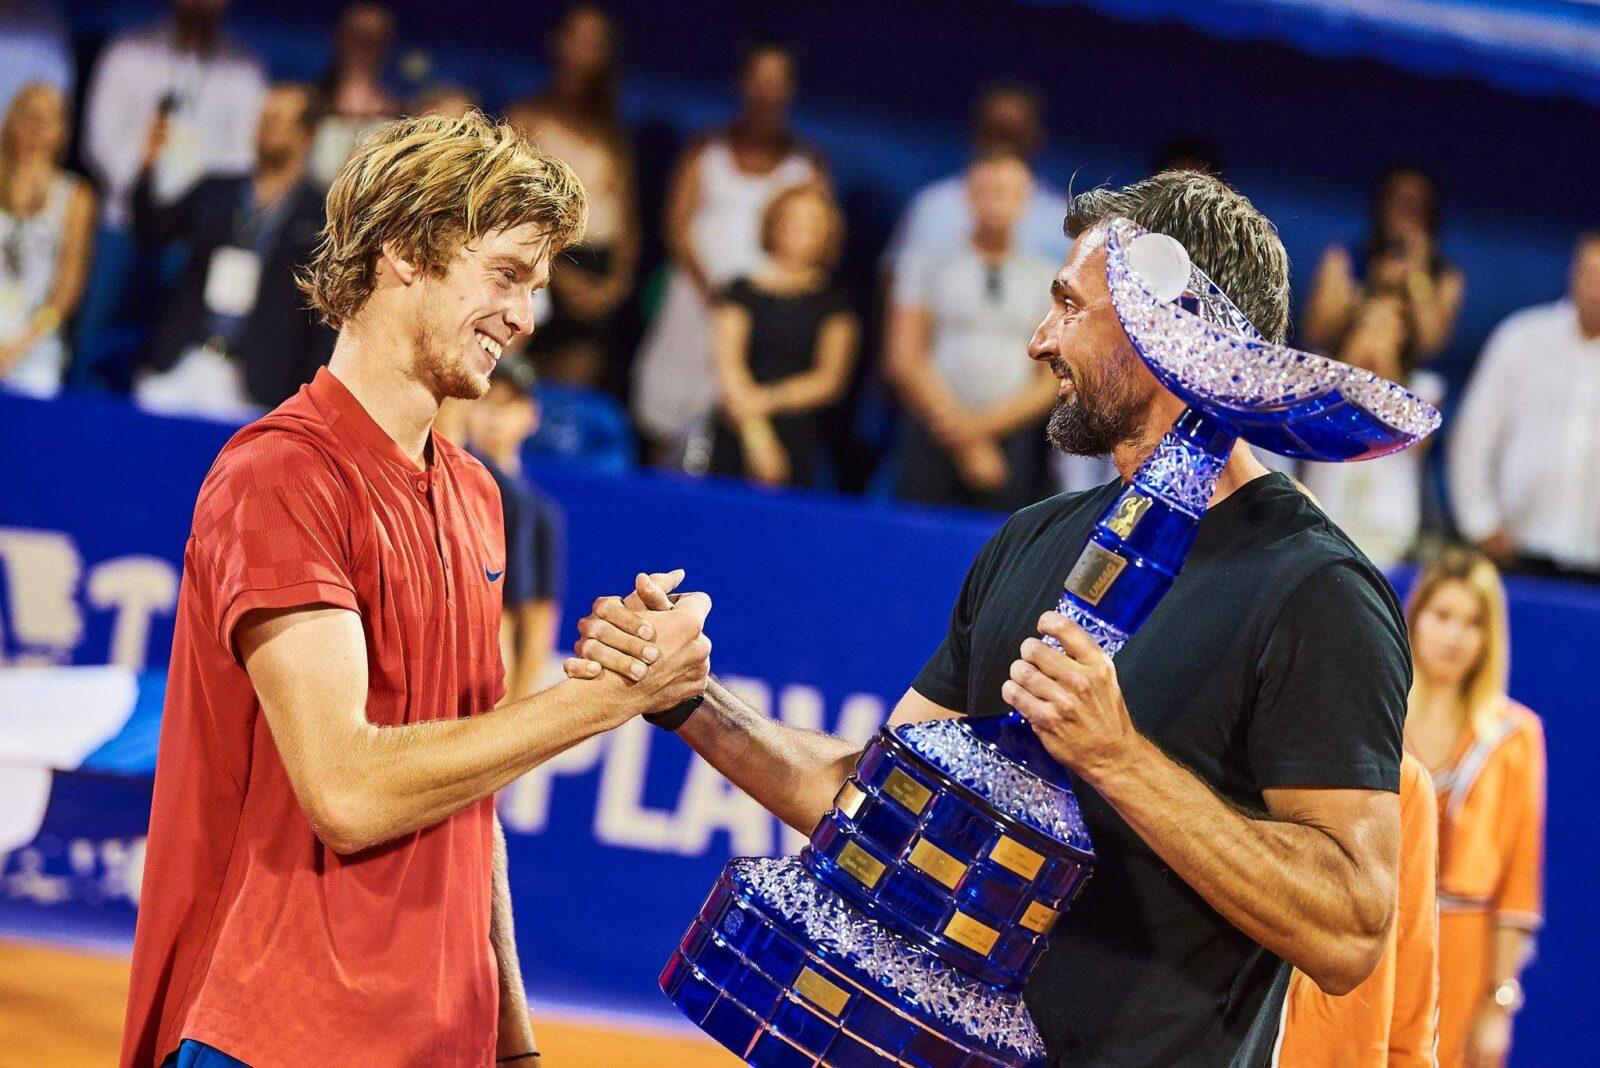 Рублёв выиграл крупный турнир в Германии